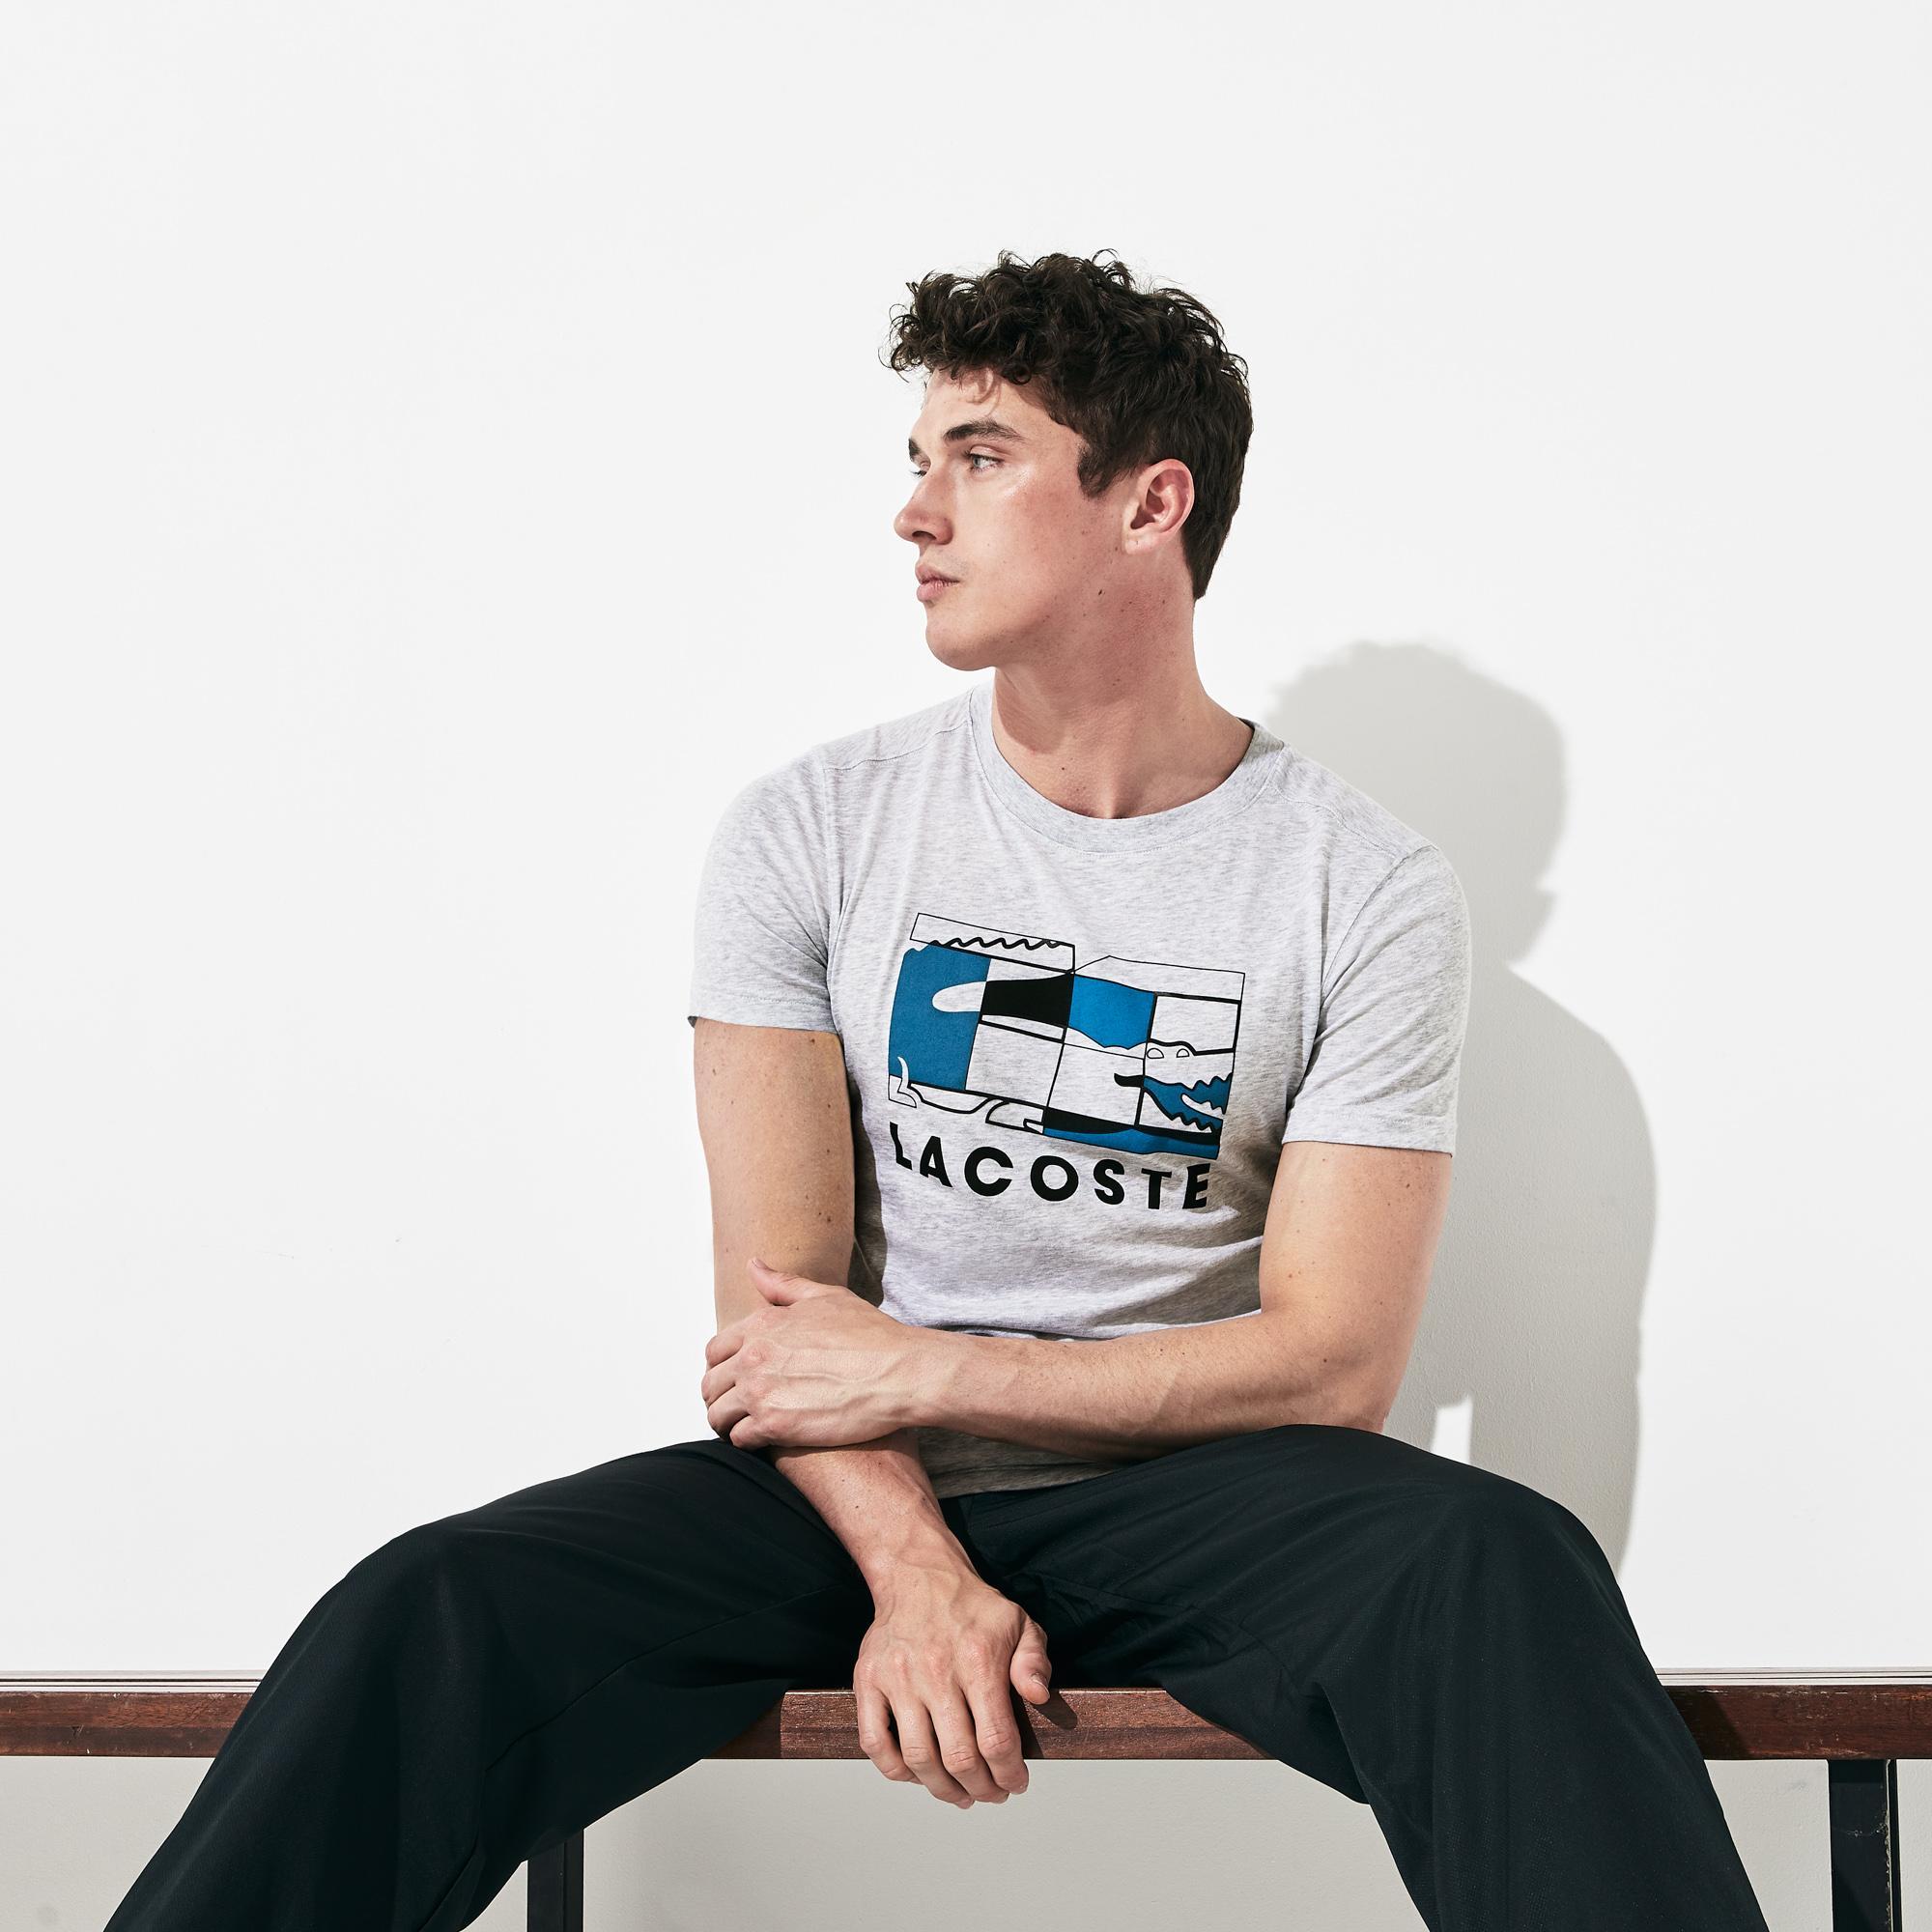 tani wielka wyprzedaż 100% autentyczny Lacoste Sport Men's Tennis Court Design Breathable T-Shirt